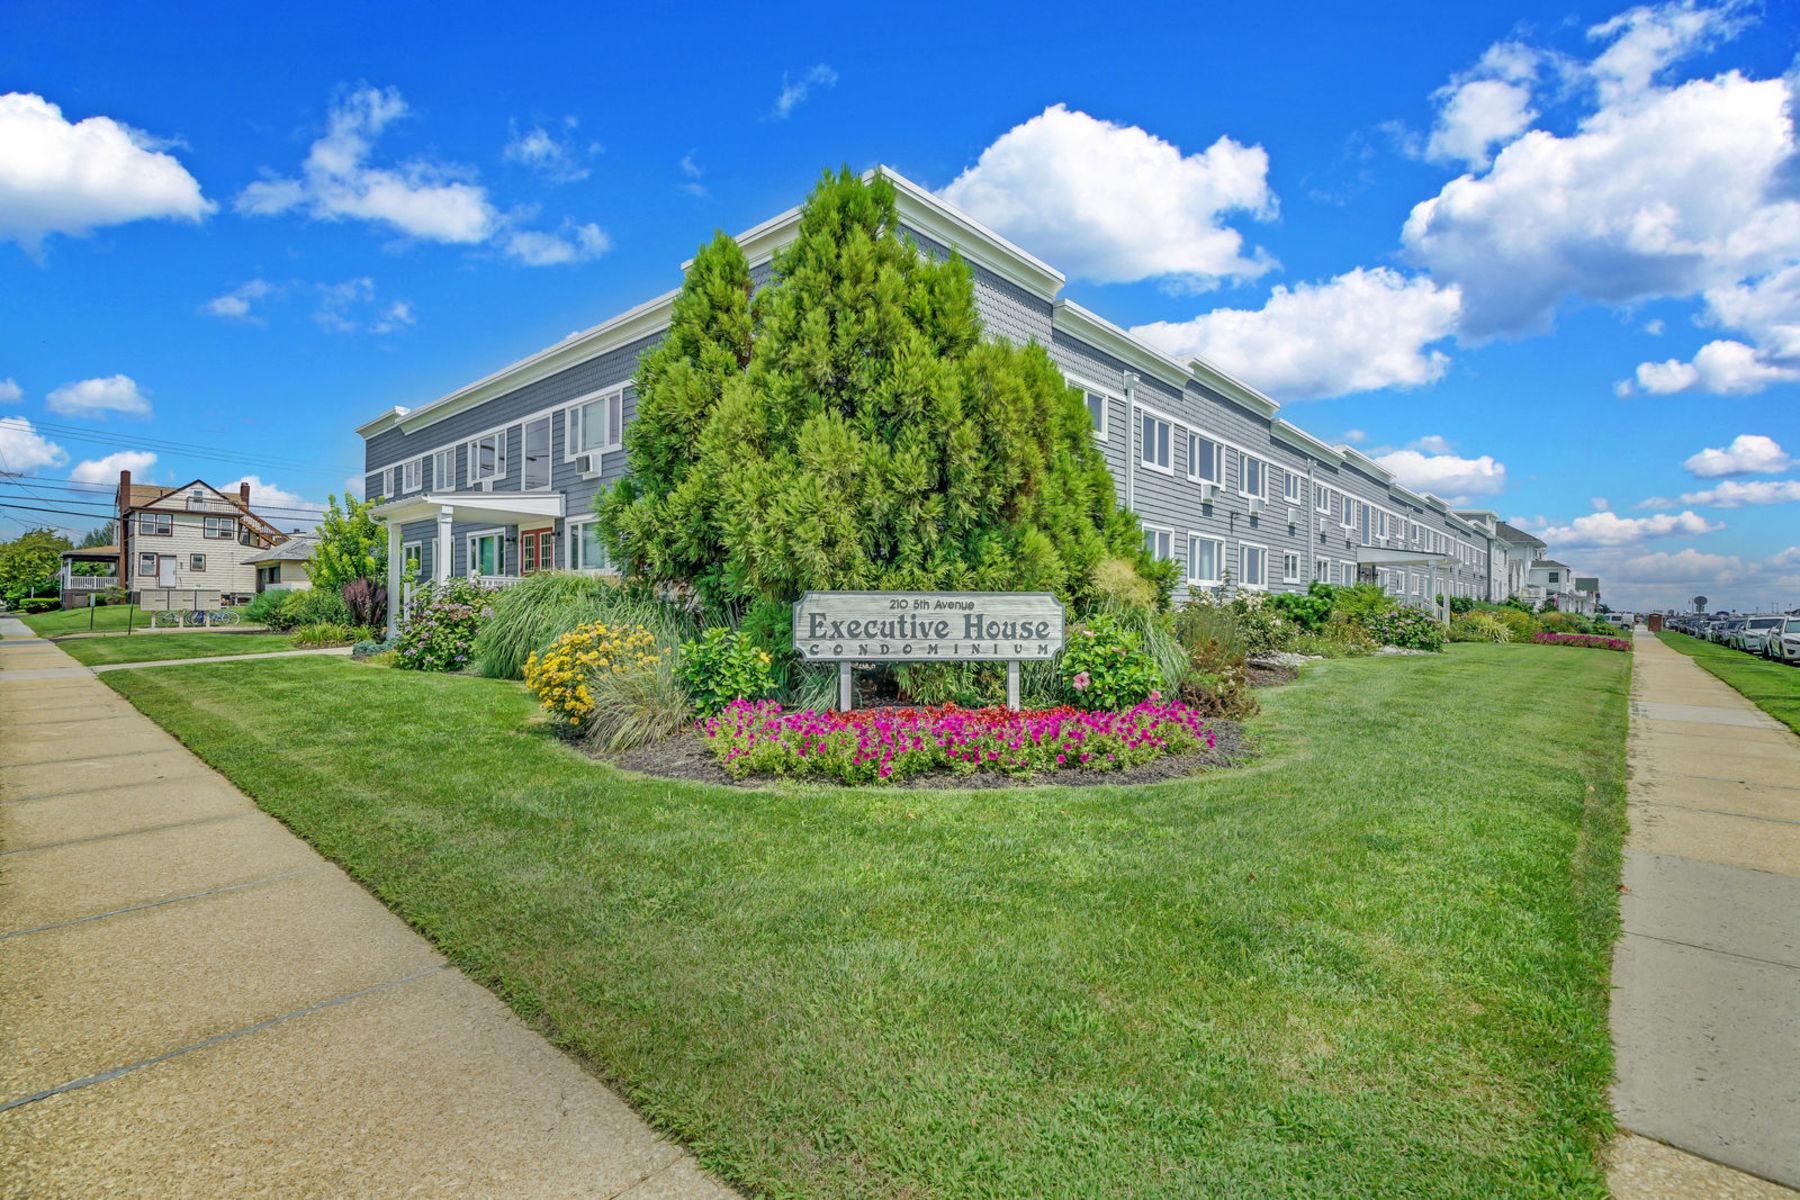 共管式独立产权公寓 为 销售 在 Executive House Condo 210 5th Ave 37, 贝尔玛, 新泽西州 07719 美国